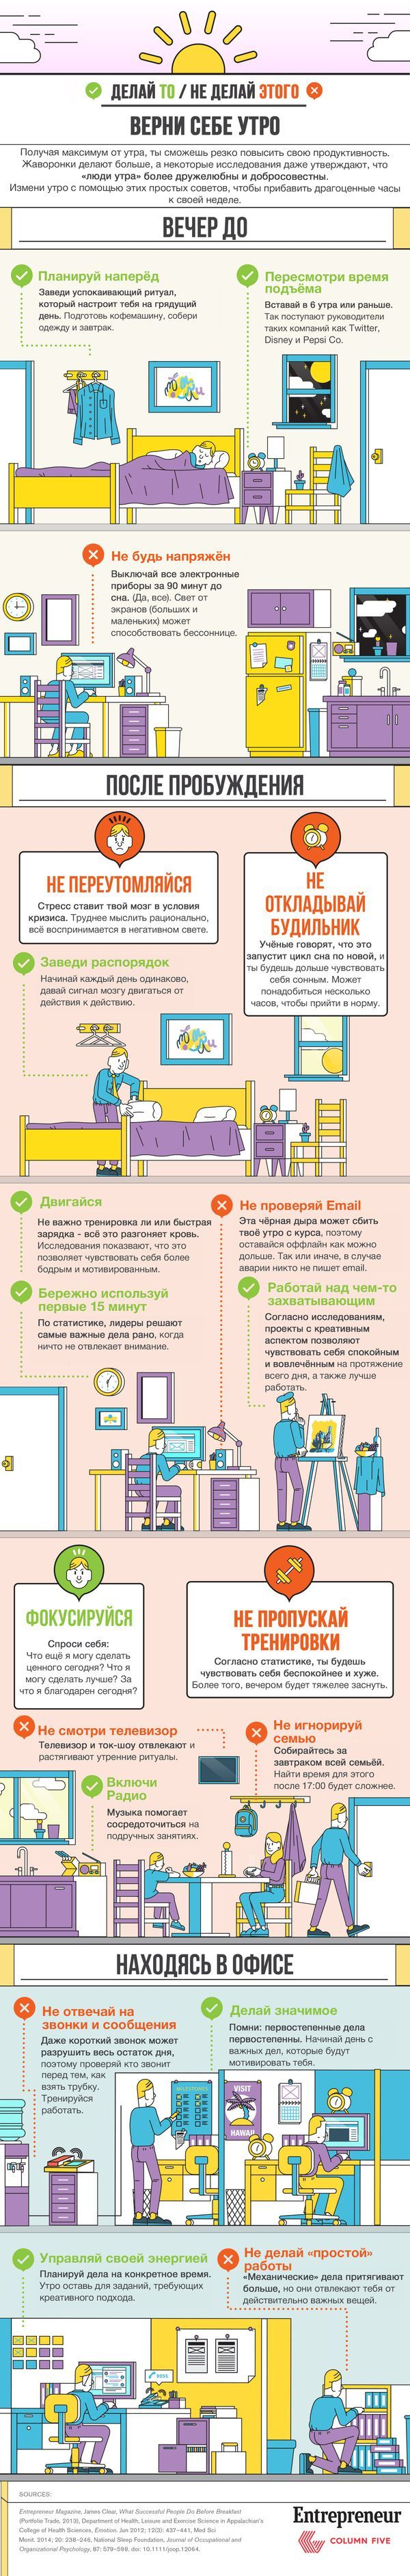 Как правильно начинать утро | Без Знаний нет УСПЕХА